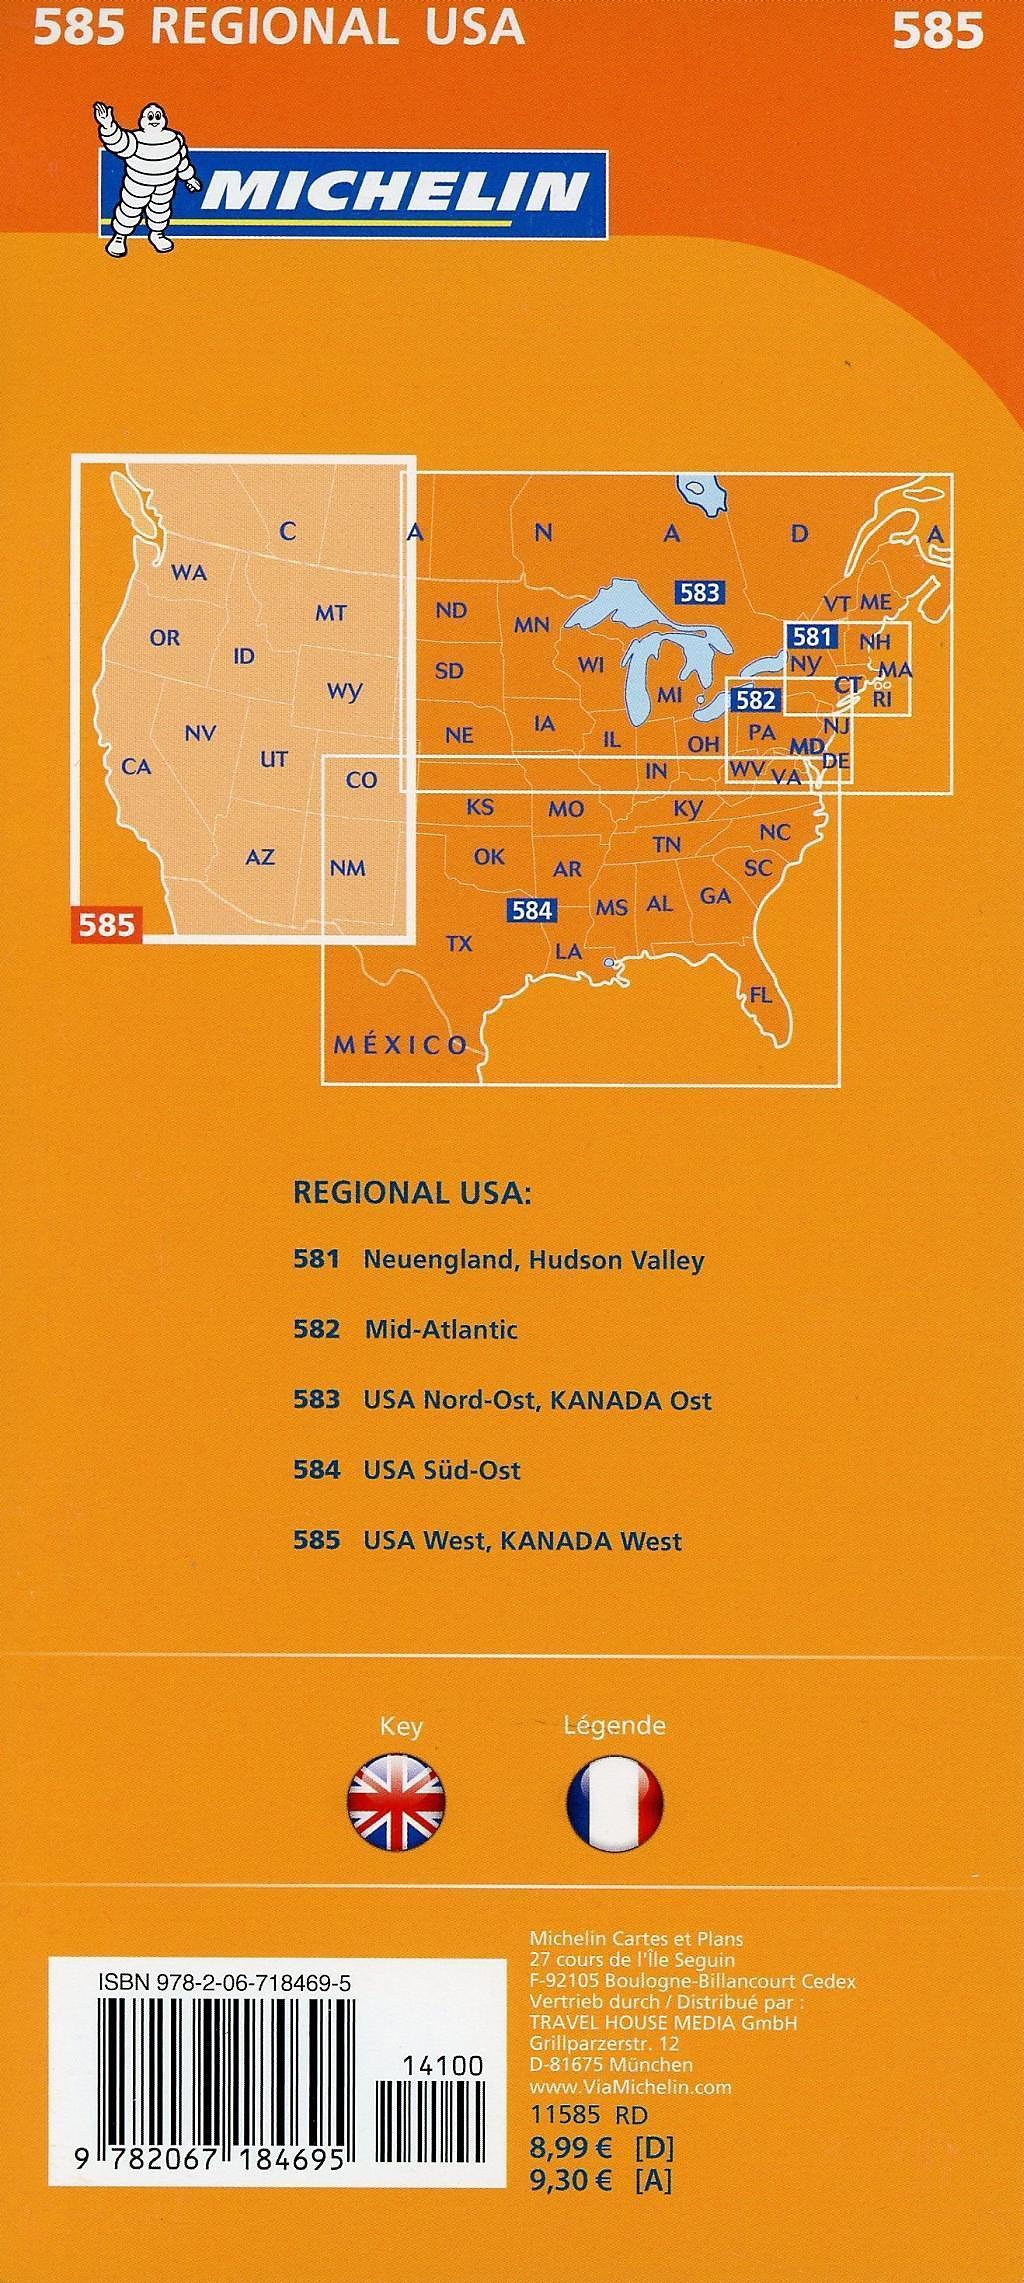 Karte Usa Westen.Michelin Karte Usa West Kanada West Usa West Canada West Weltbild Ch